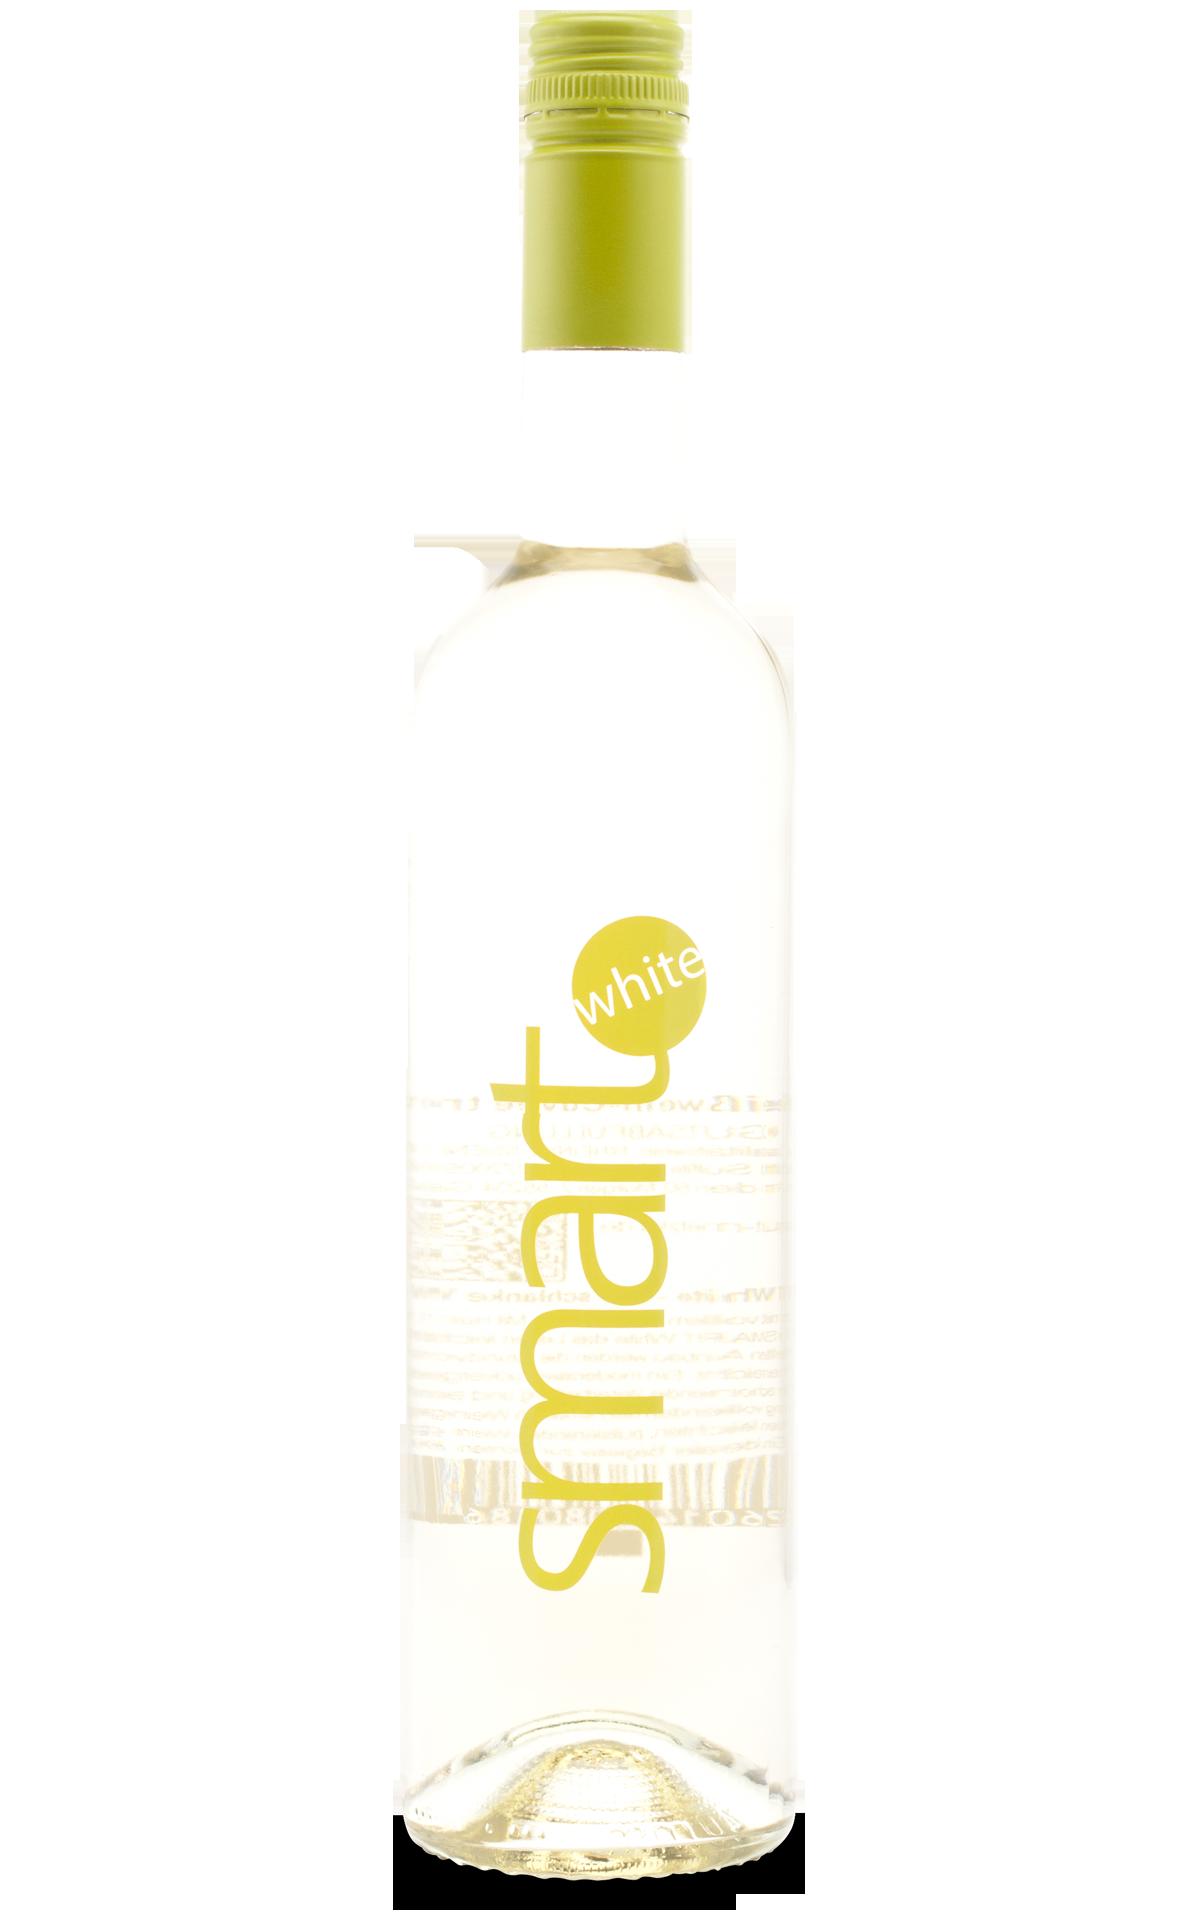 SMART White trocken - Weißweincuvee